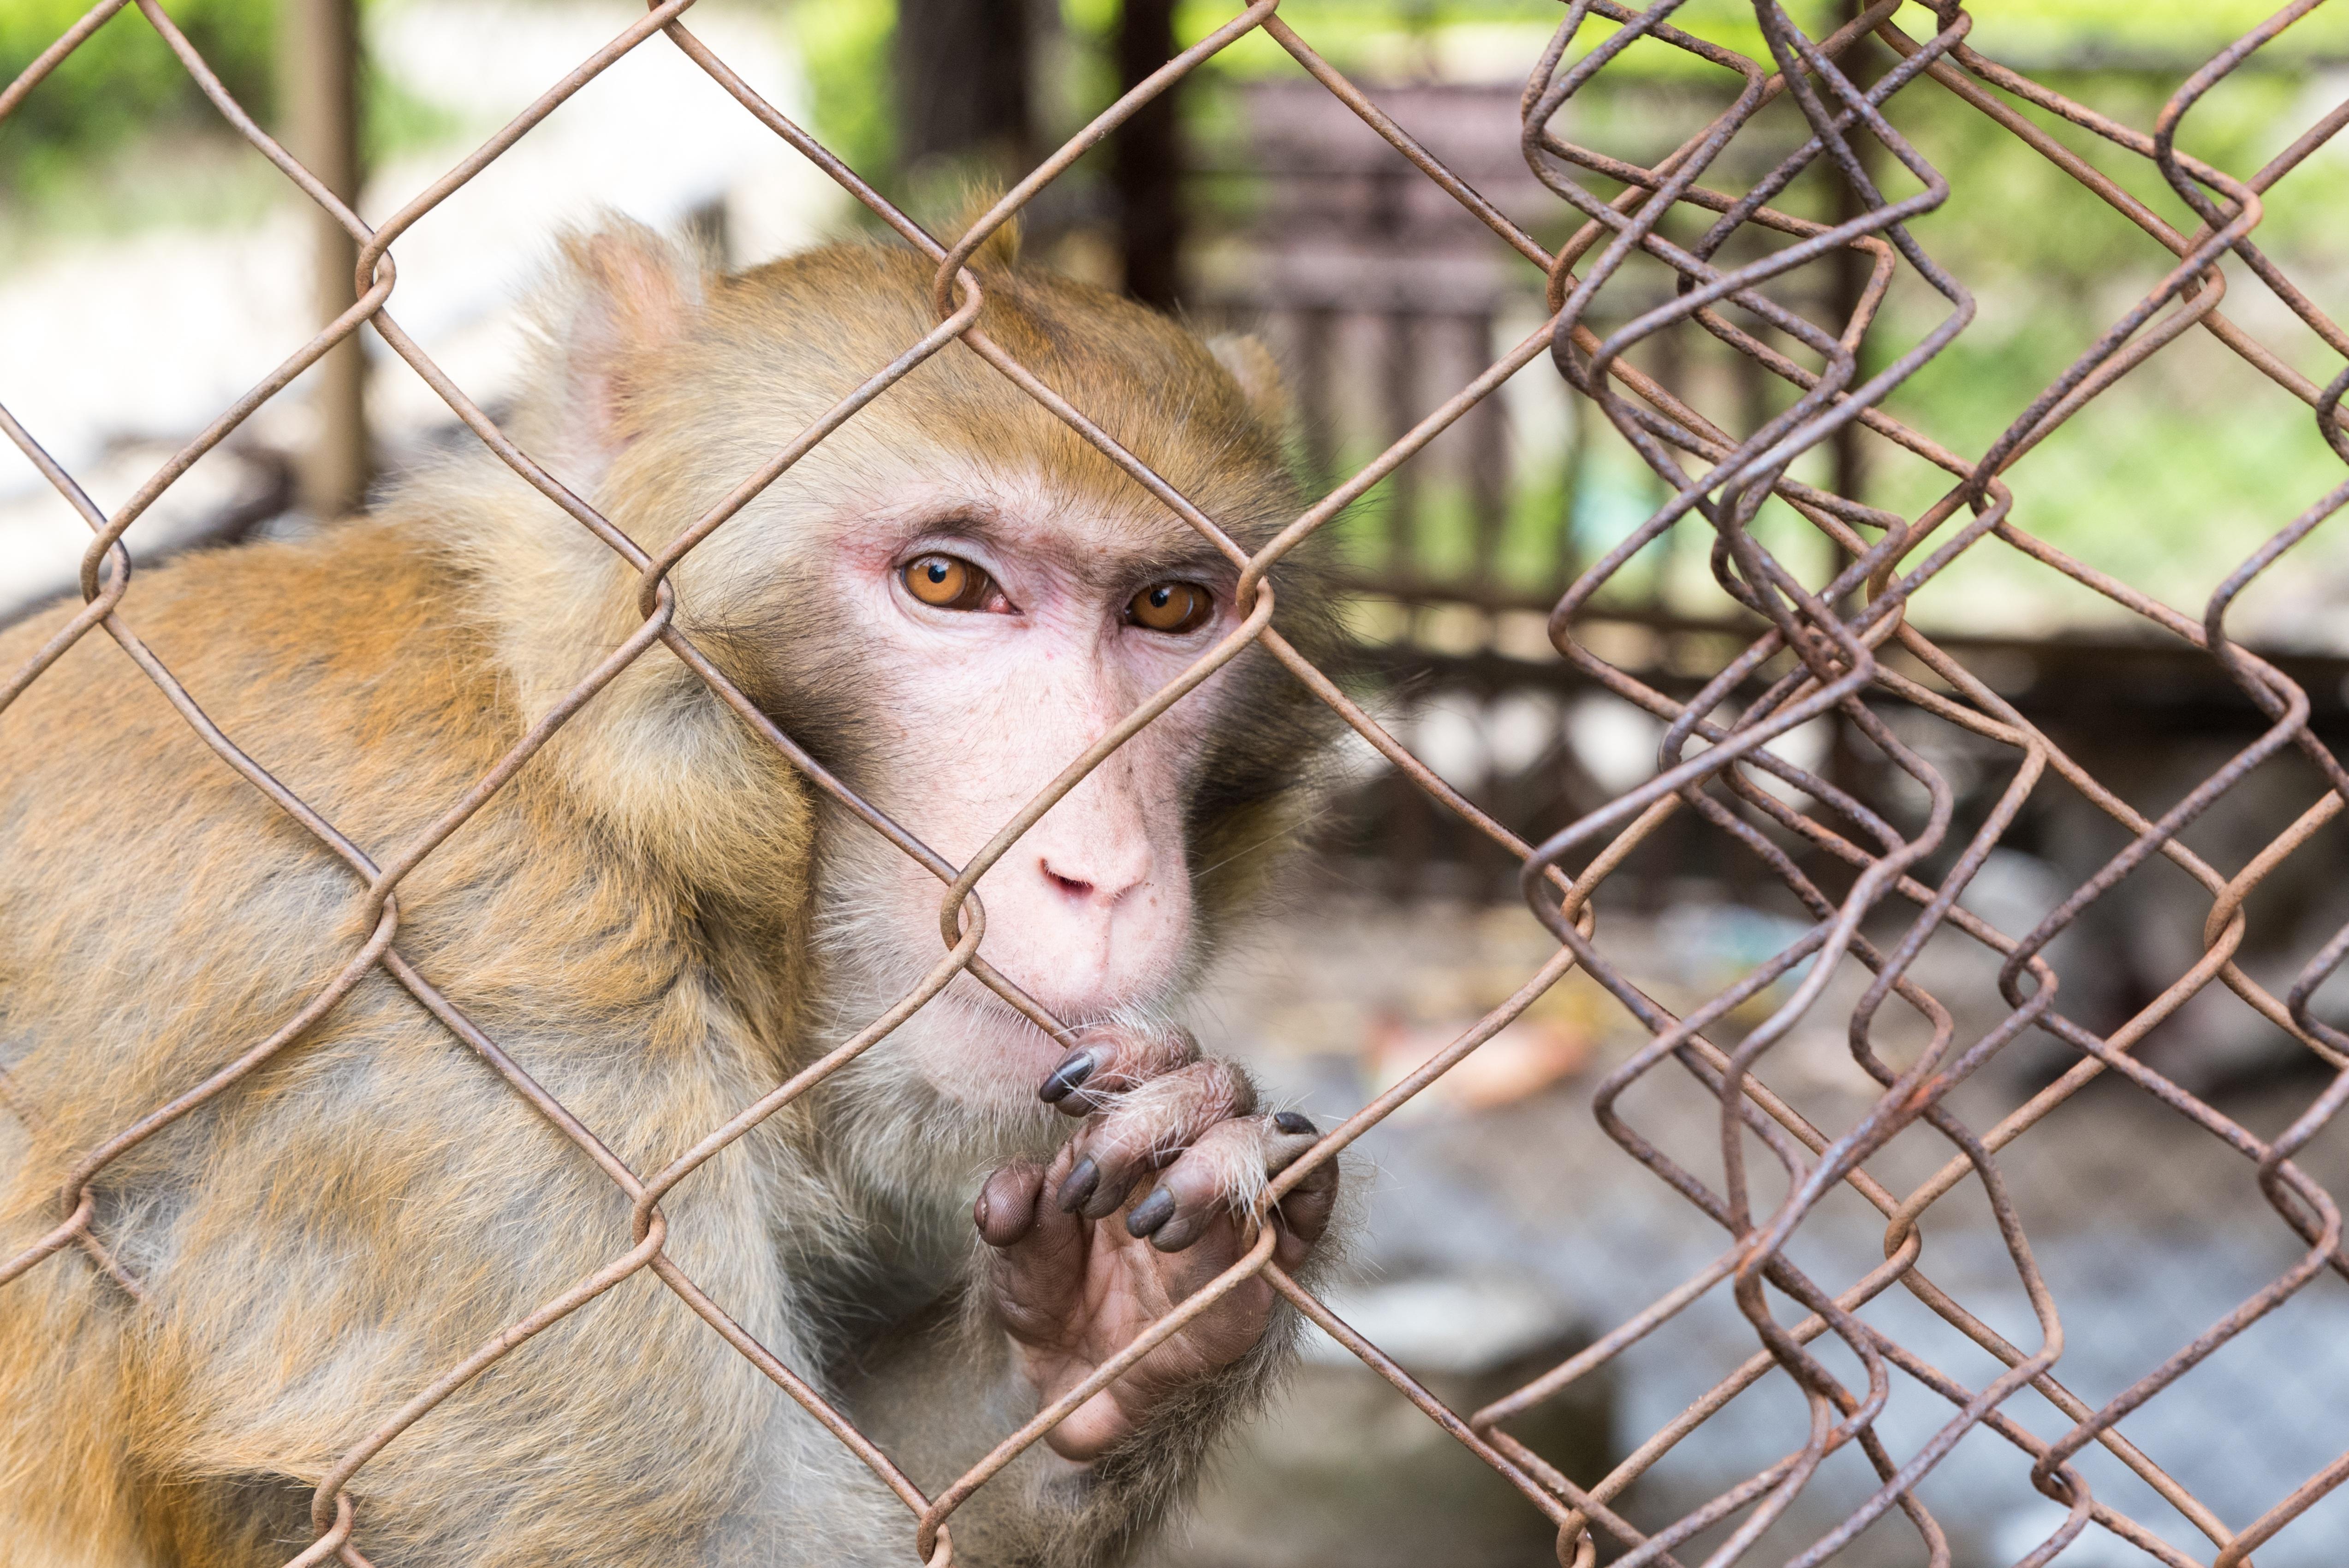 Cruelty to animals  Wikipedia